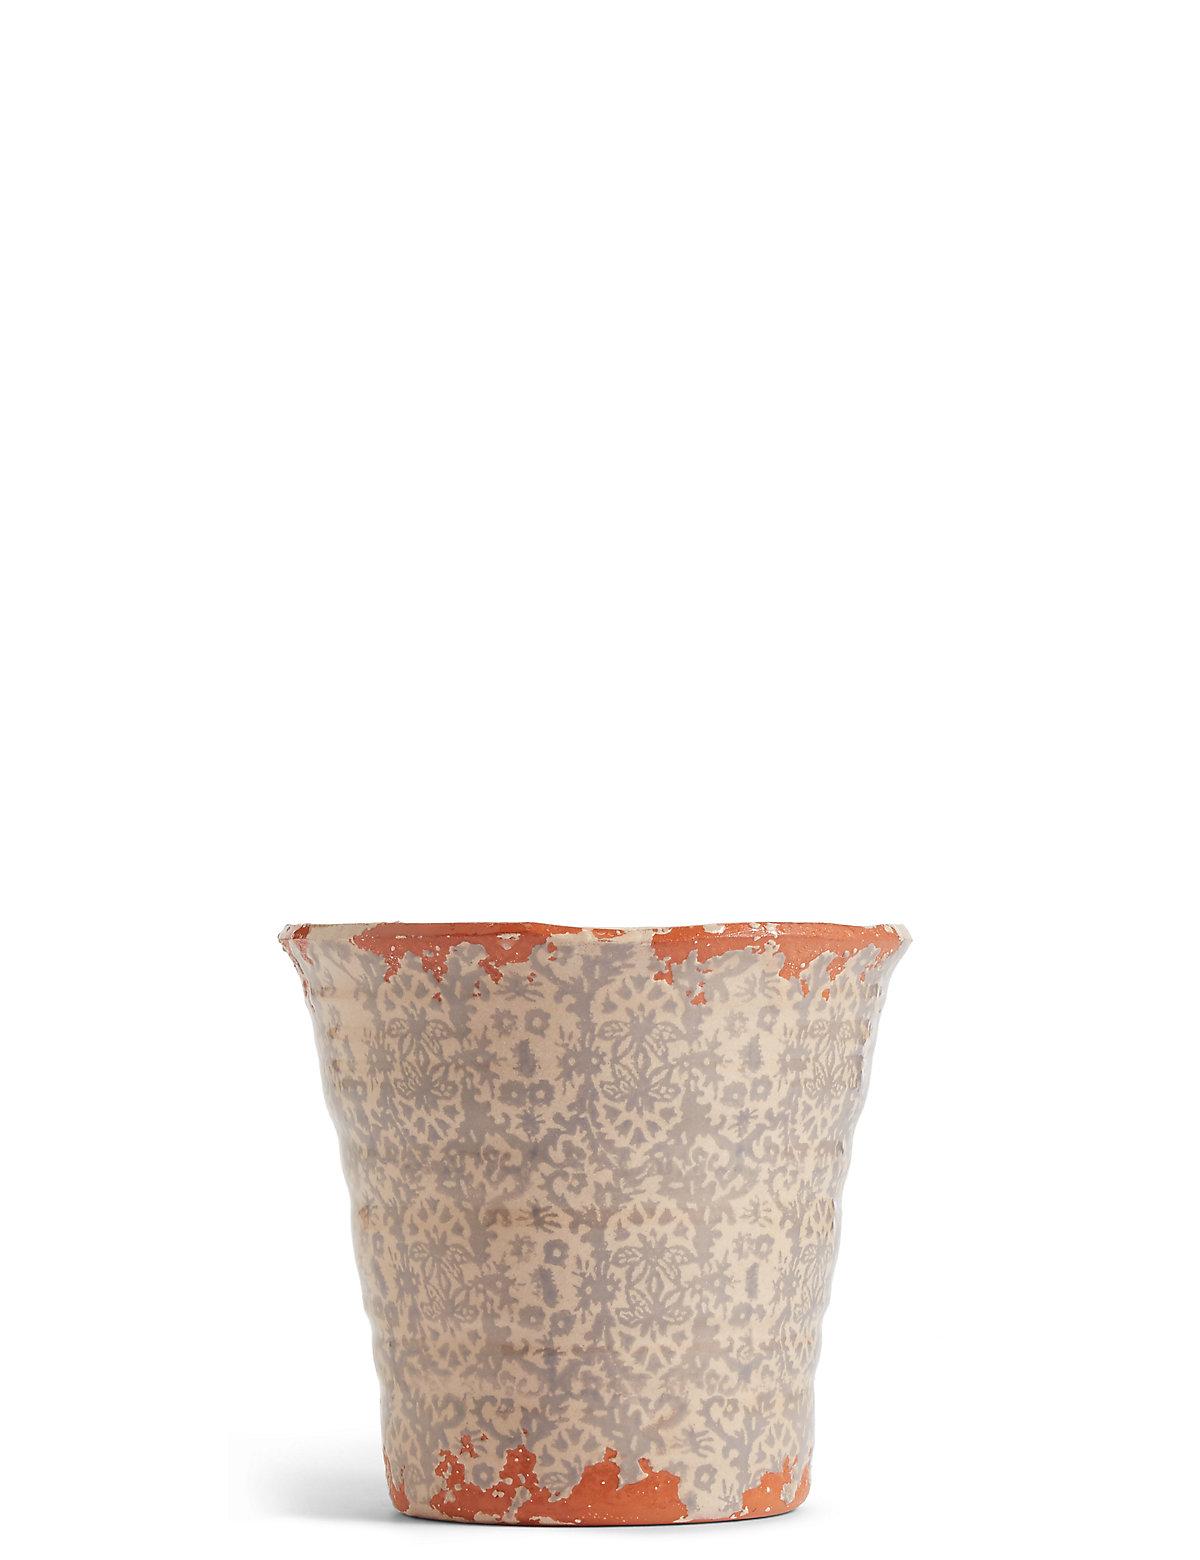 Small Terracotta Planter